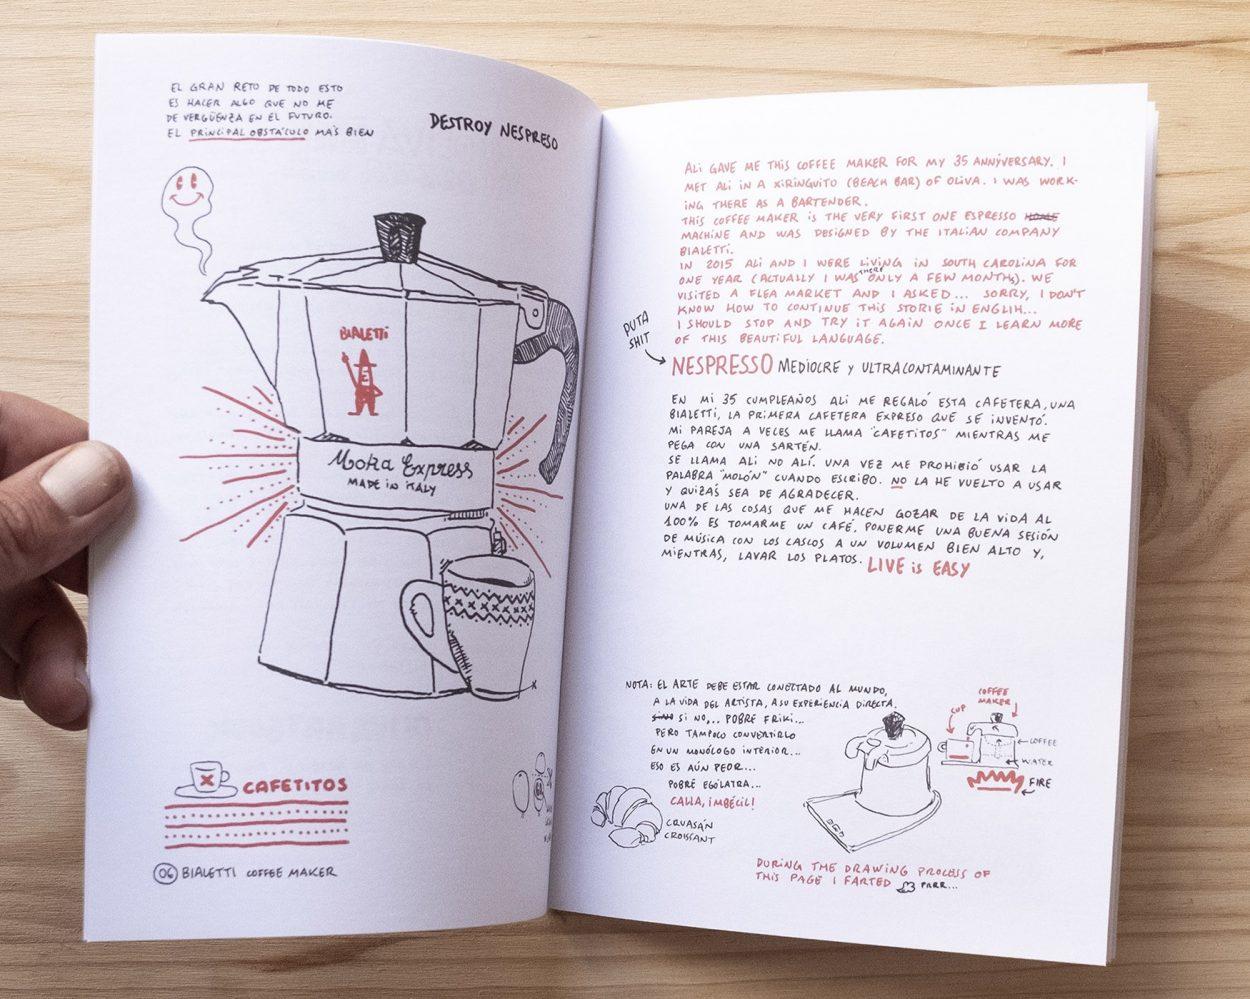 Comic ilustración experimental. Dibujo cafetera Bialetti